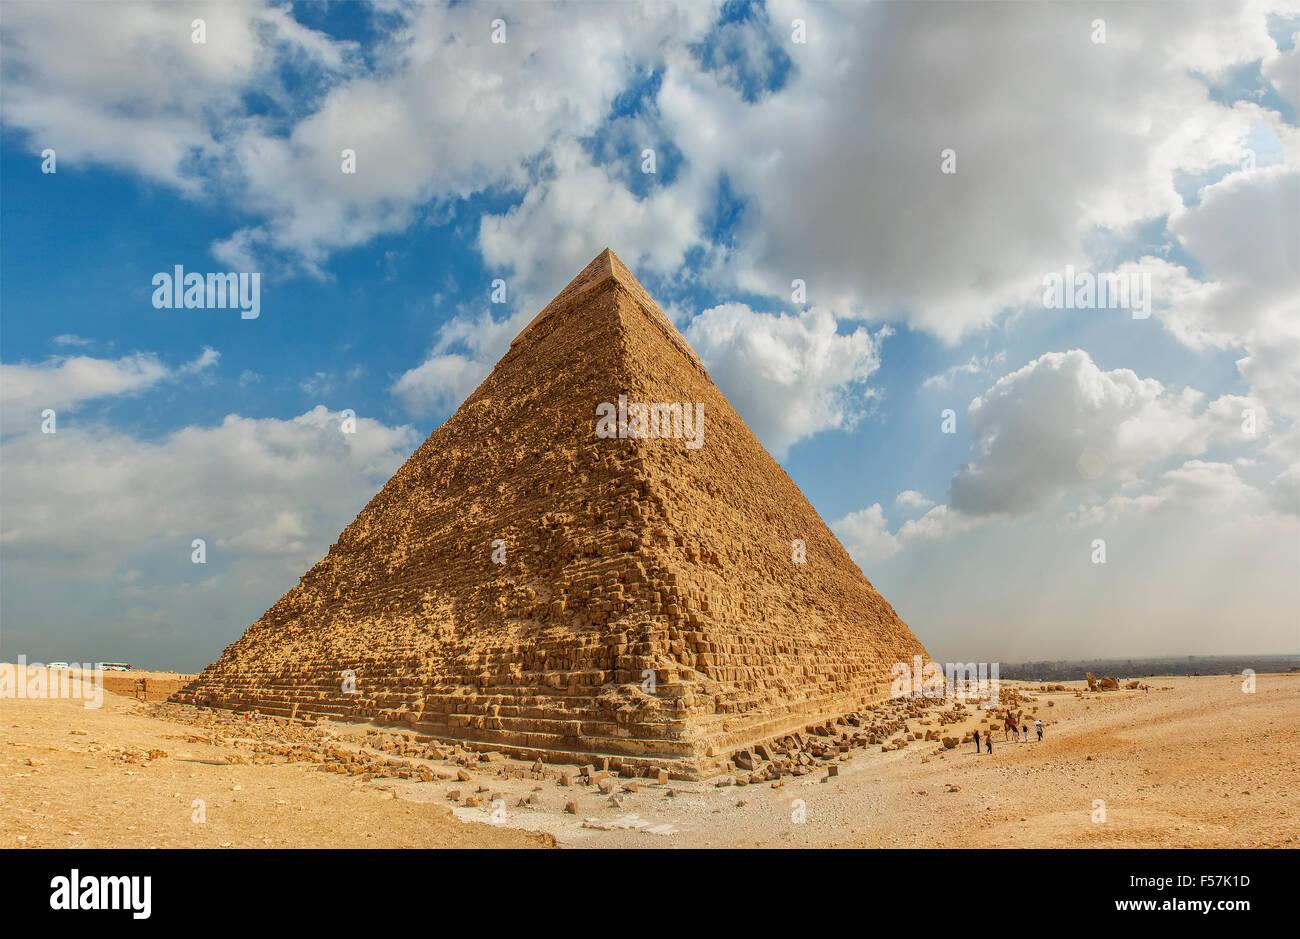 Image de la grande pyramide de Gizeh. Le Caire, Égypte. Photo Stock